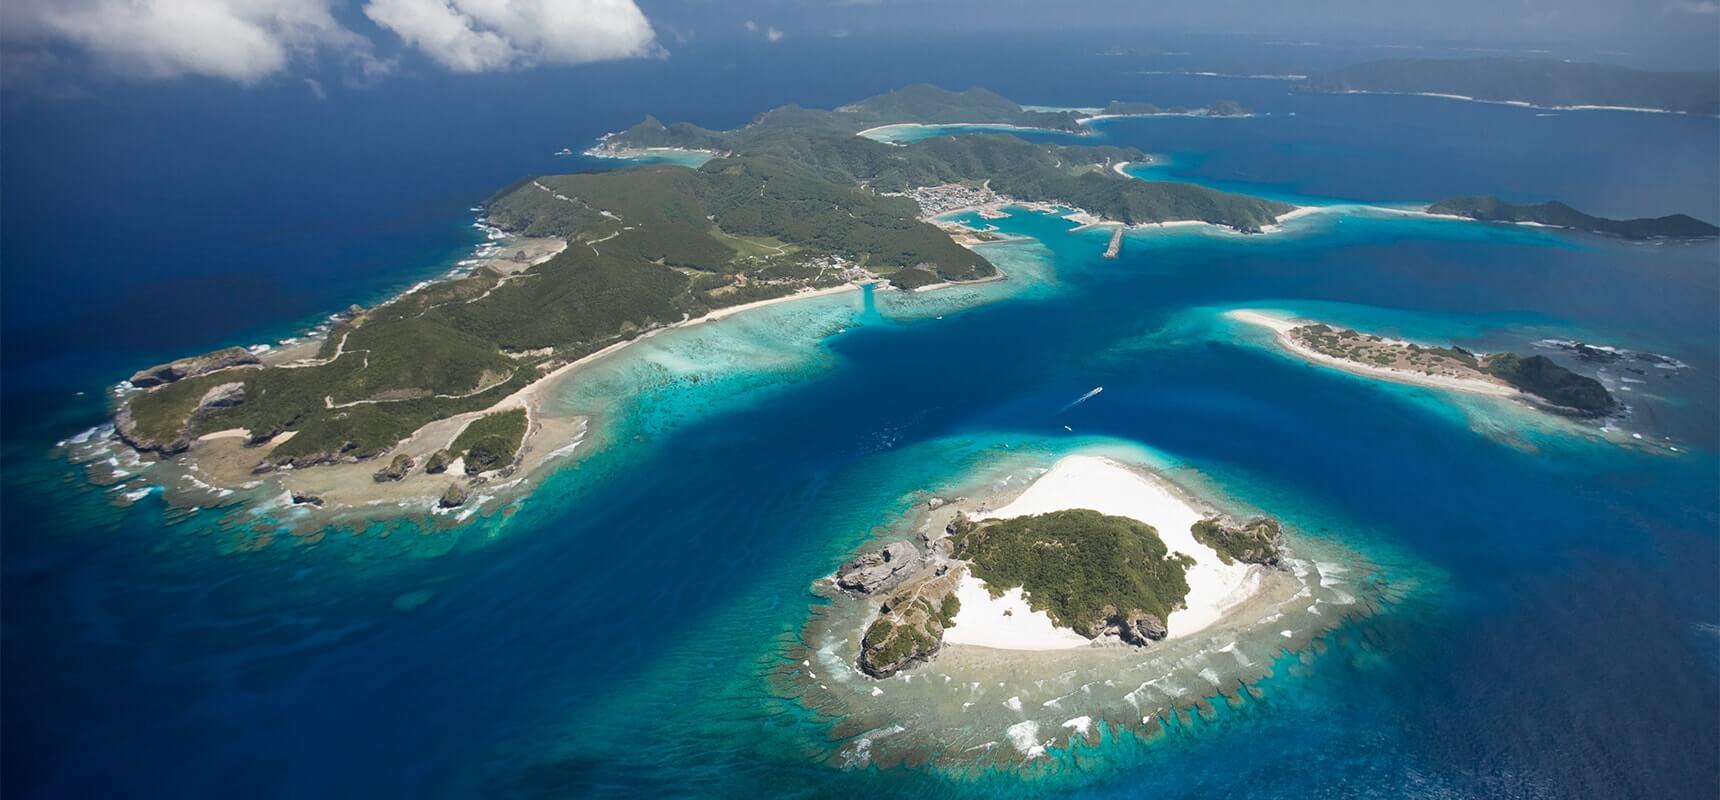 可由那霸出發,當天往返的海上樂園-慶良間群島之旅